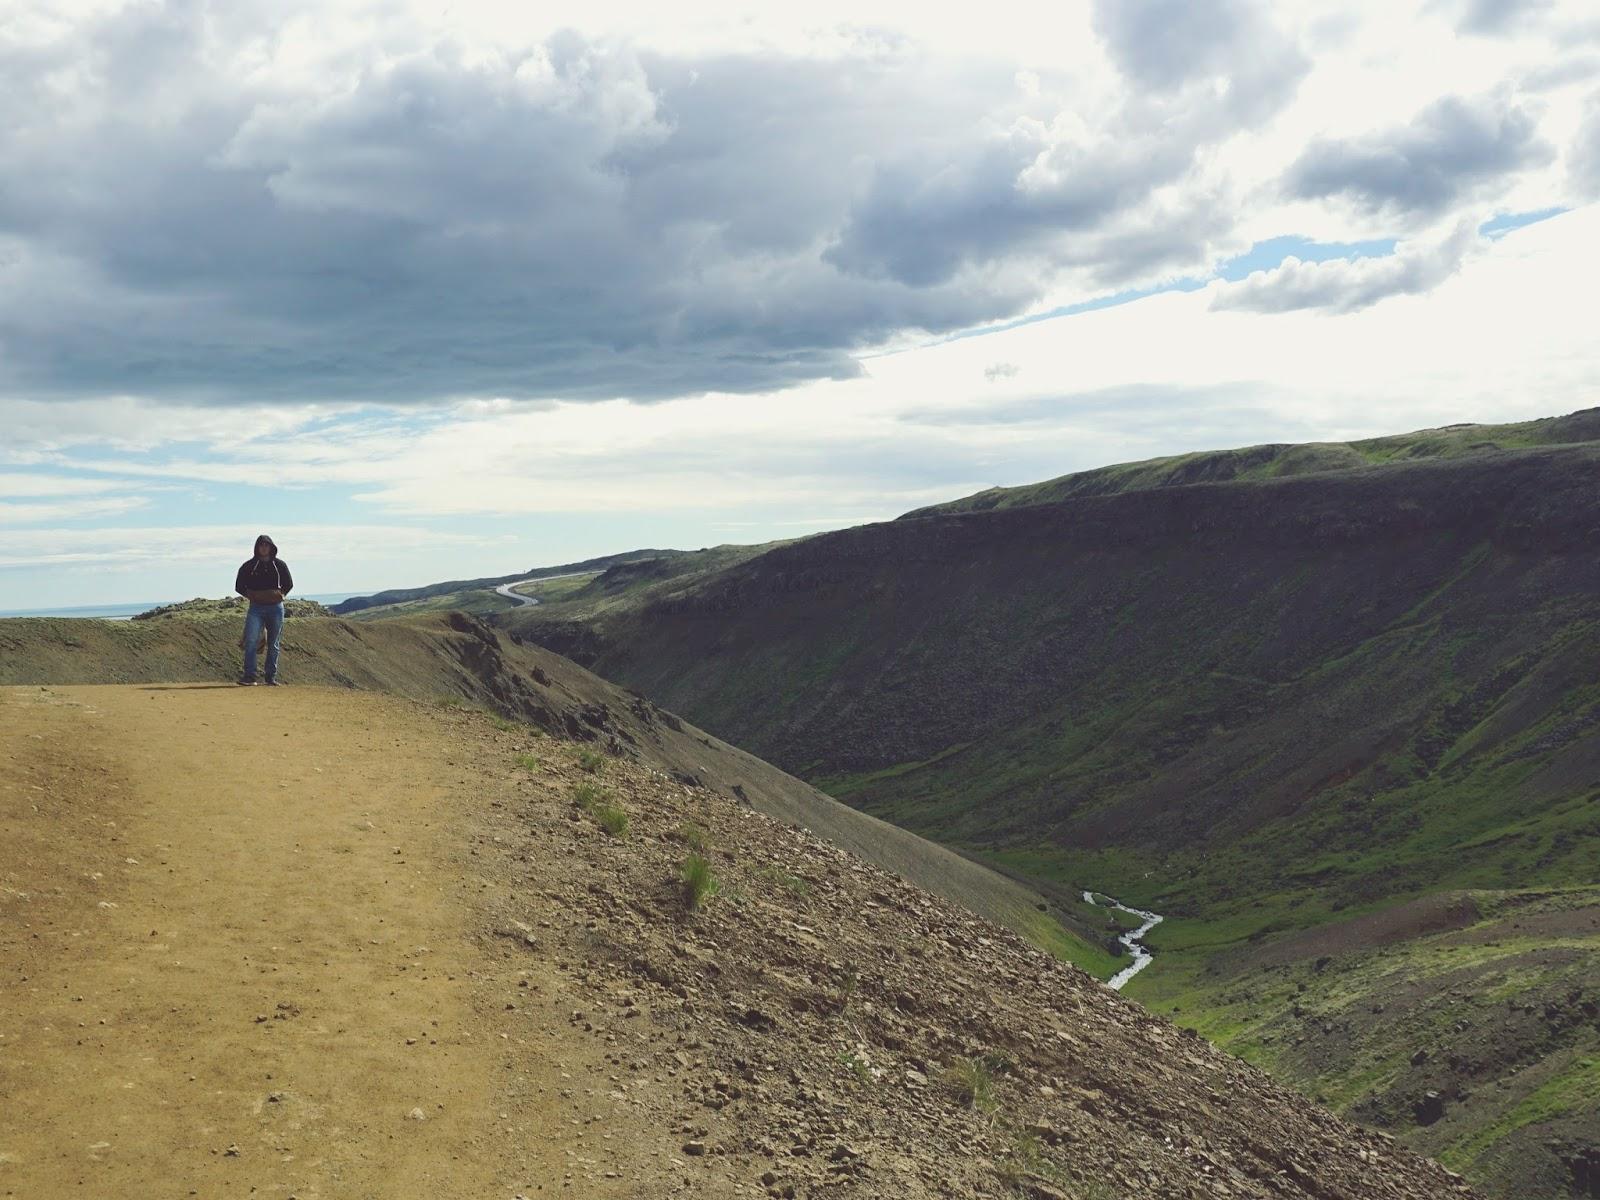 dolina, góry, trekking, trekking path, Reykjadalur, Islandia, Południowa Islandia, panidorcia, blog, blog o Islandii, wakacje w Islandii, Islandia zwiedzanie, gorące źródła, pola geotermalne